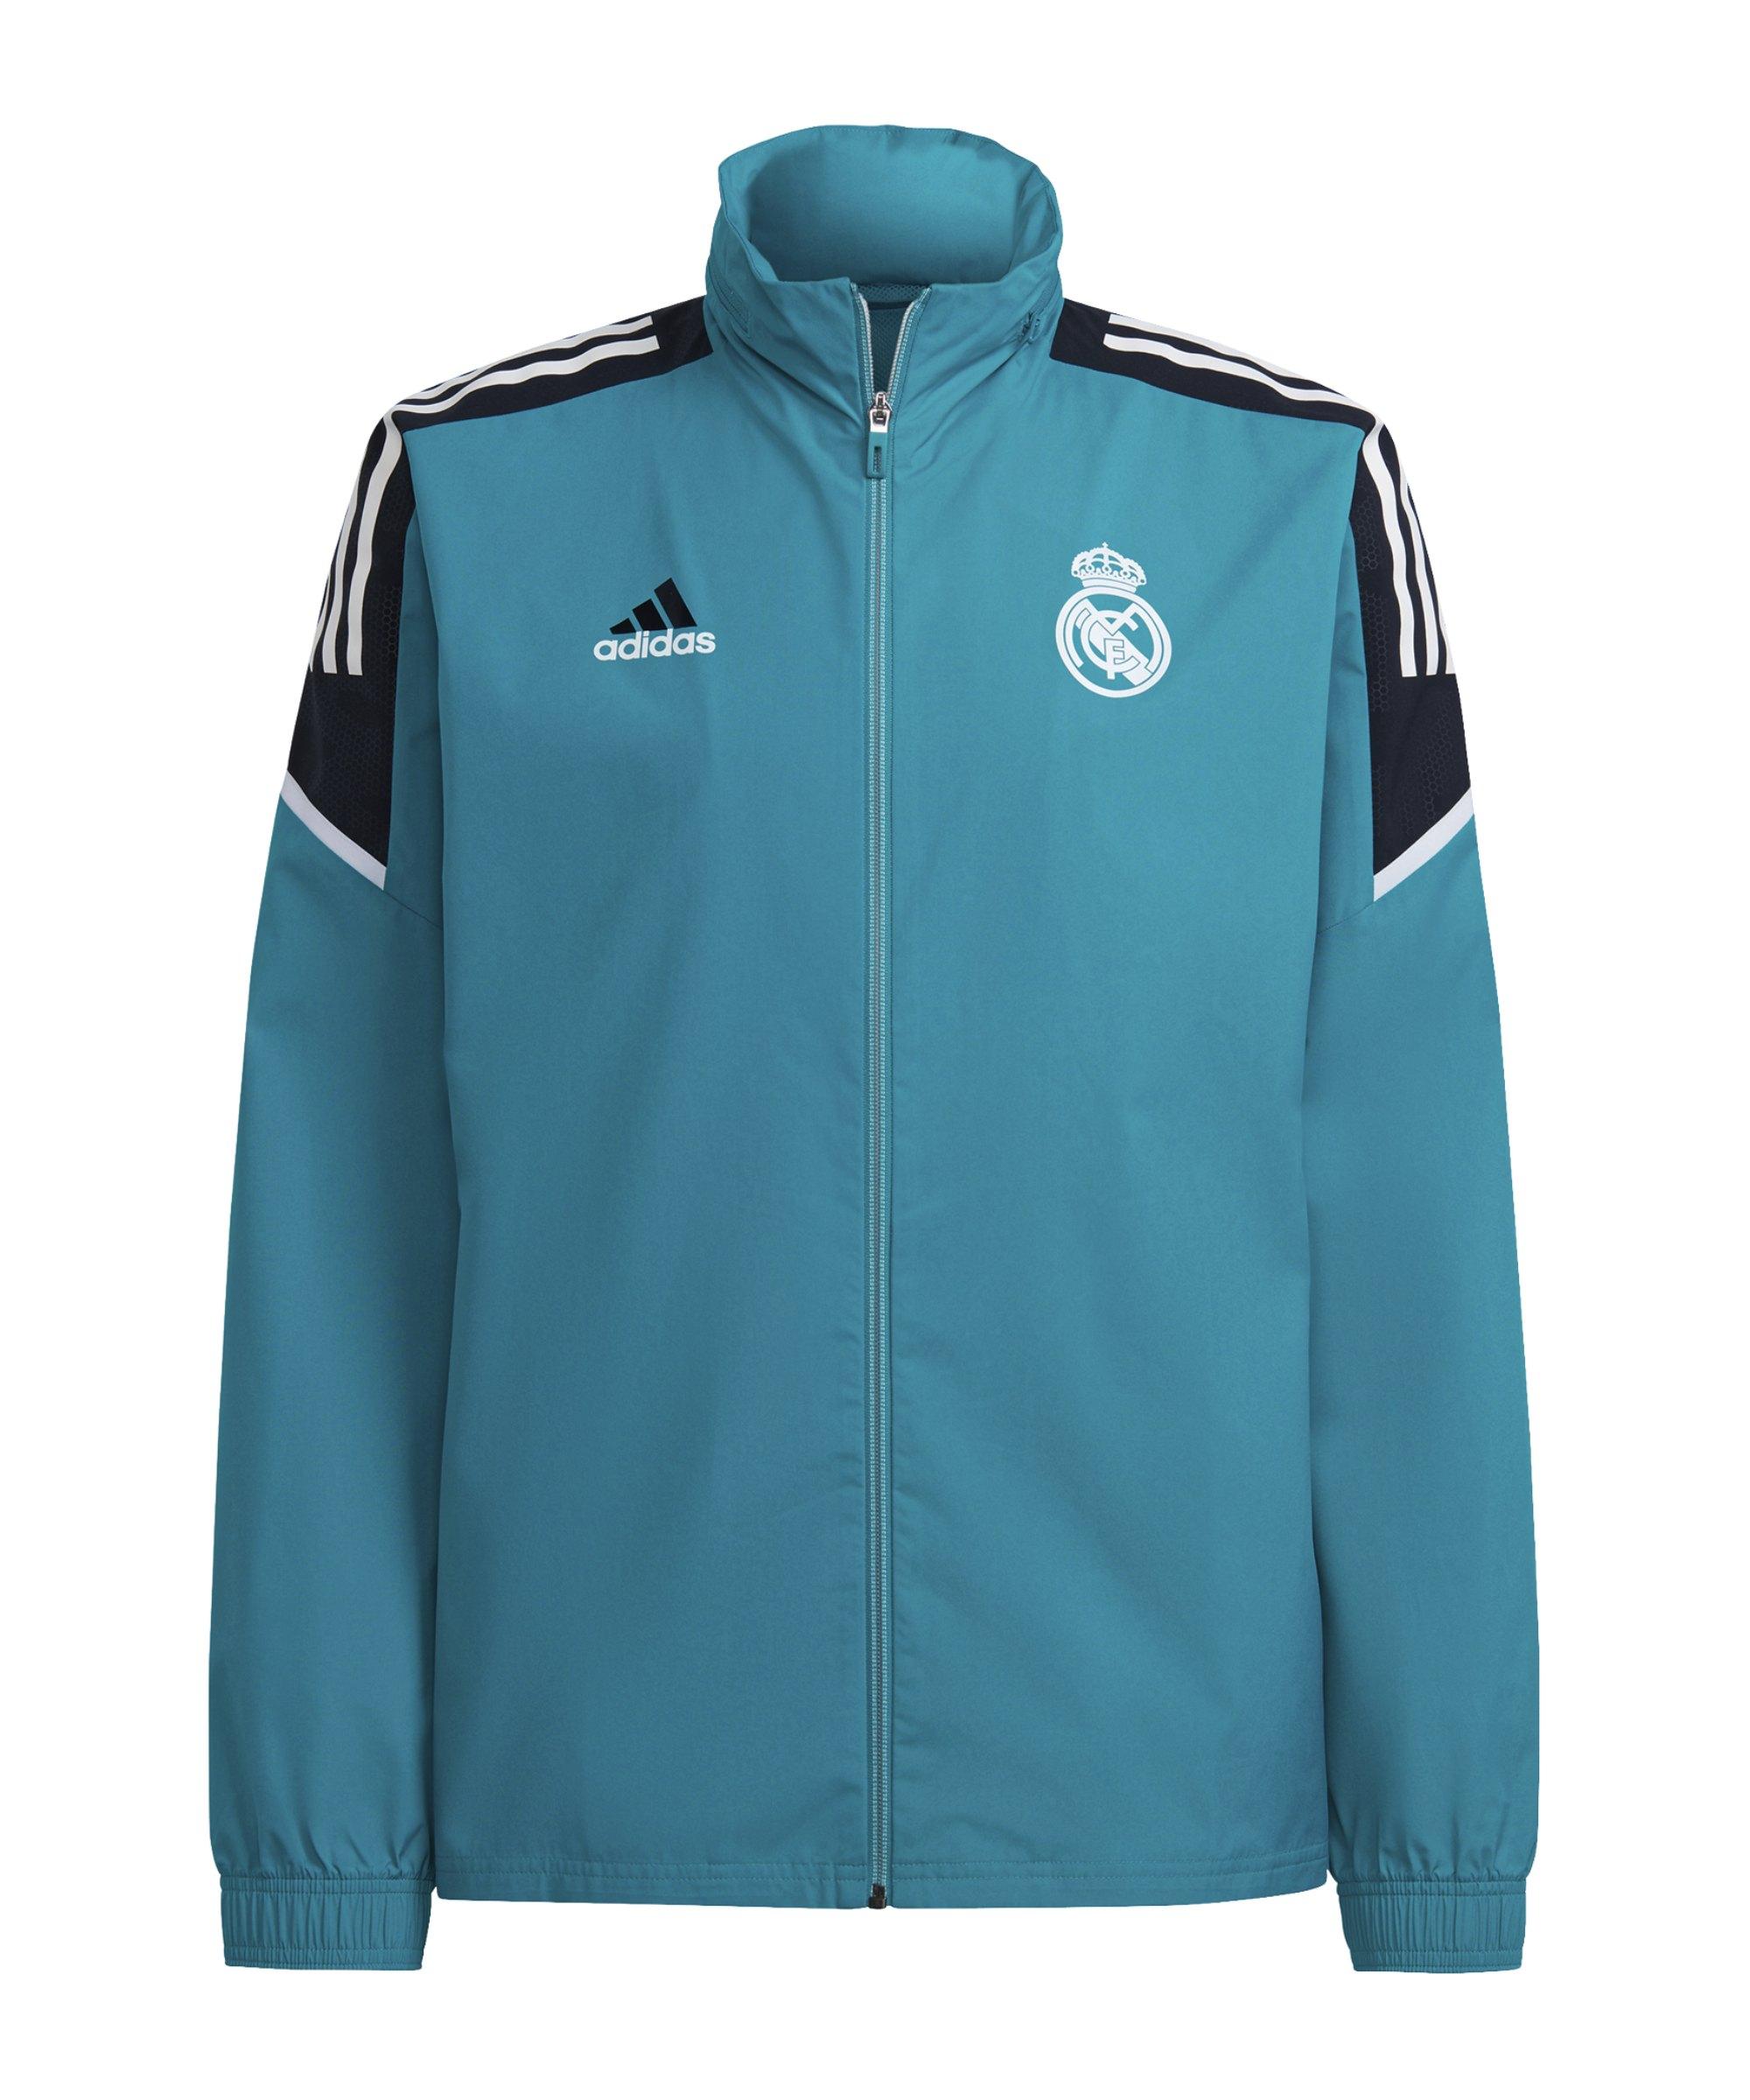 adidas Real Madrid Allwetterjacke Grün - gruen